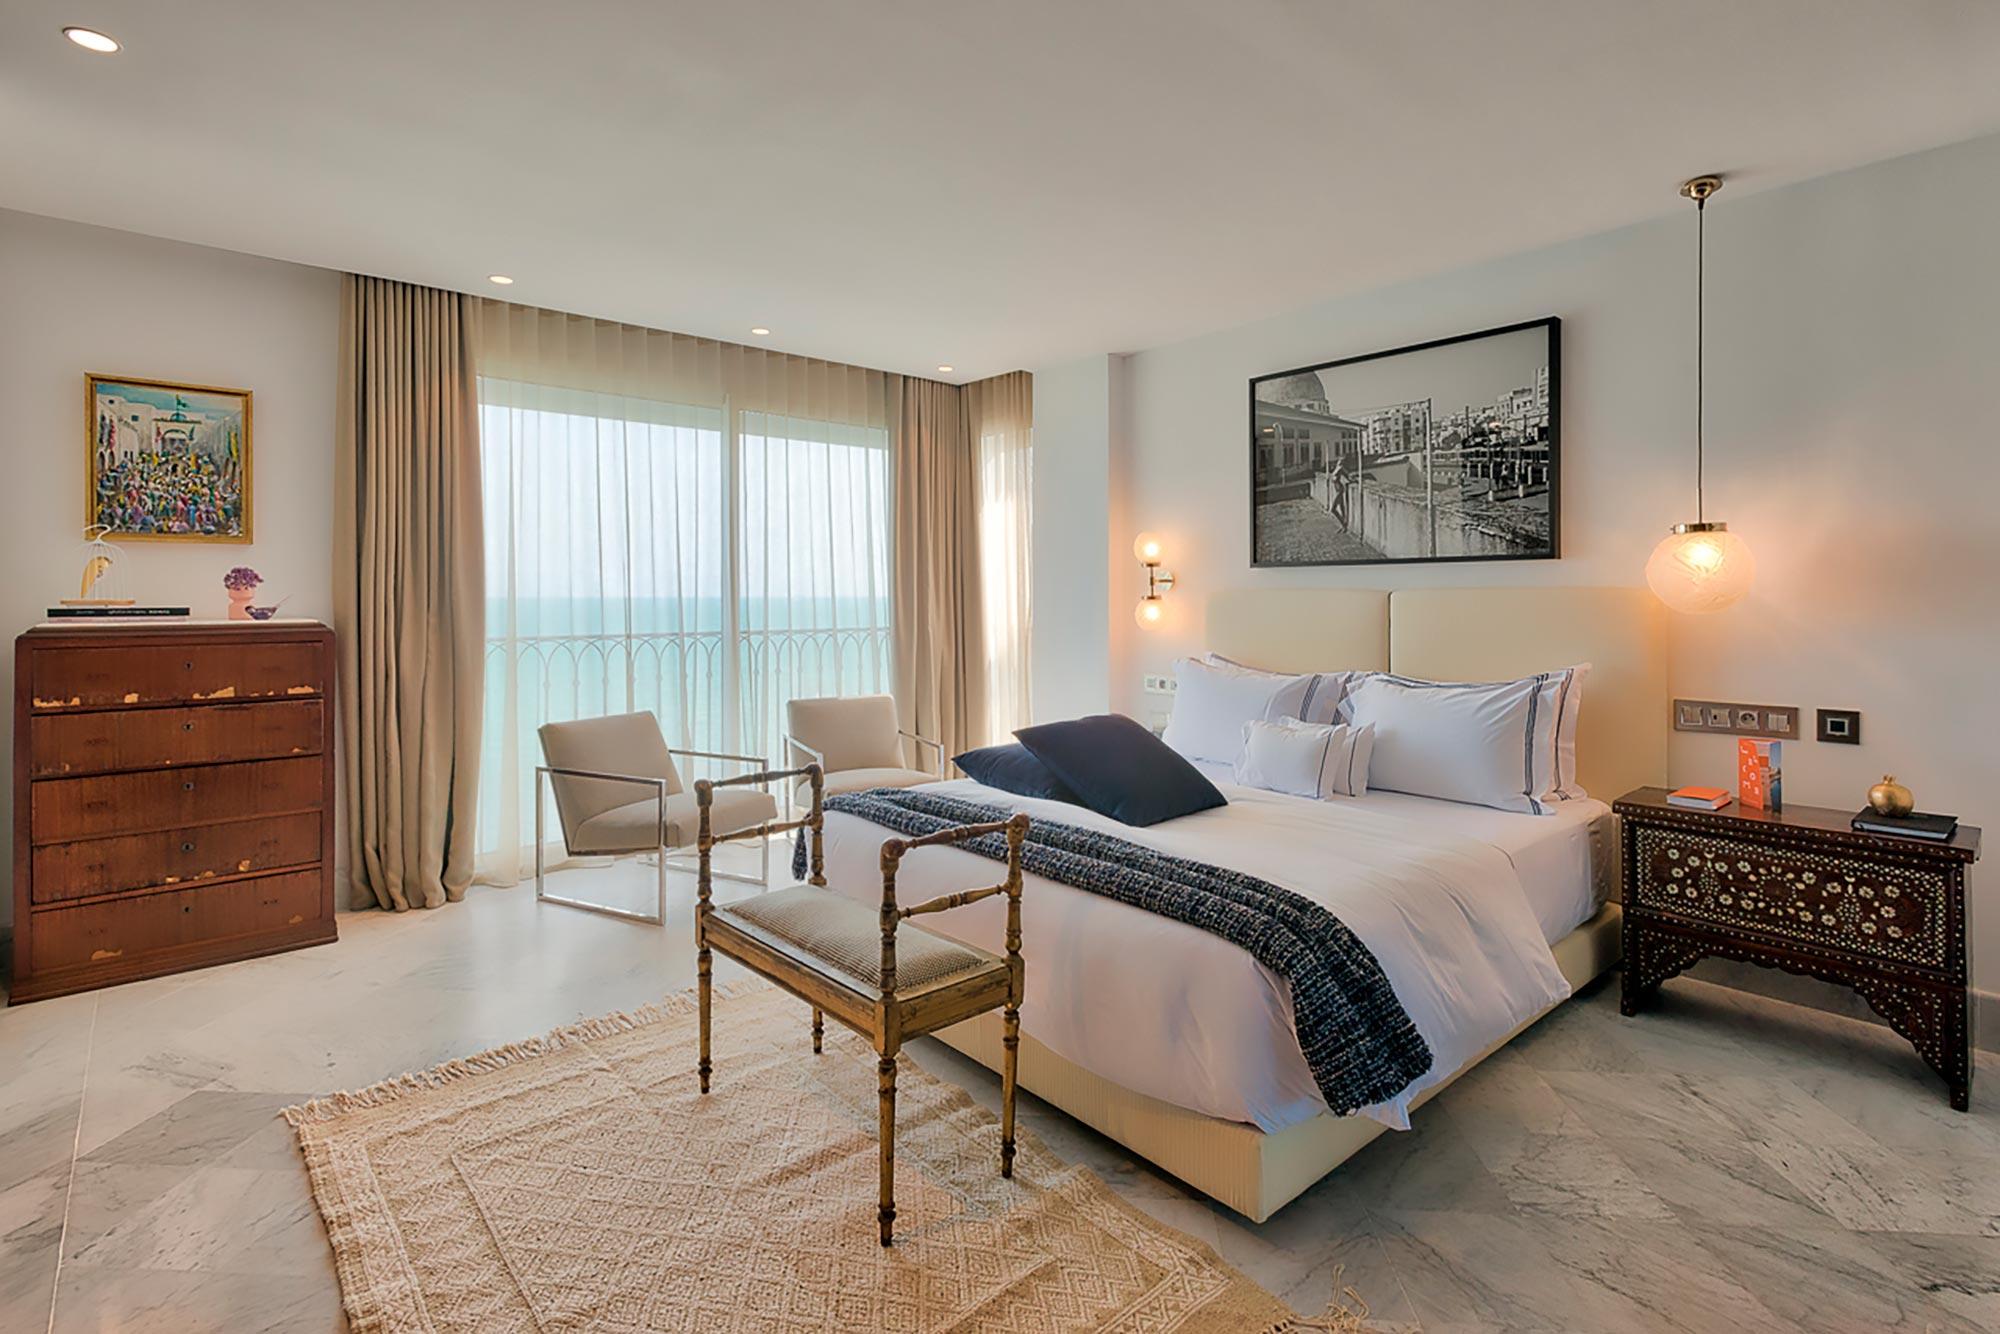 Chambre double, guéridon en bronze et baie vitrée avec vue mer